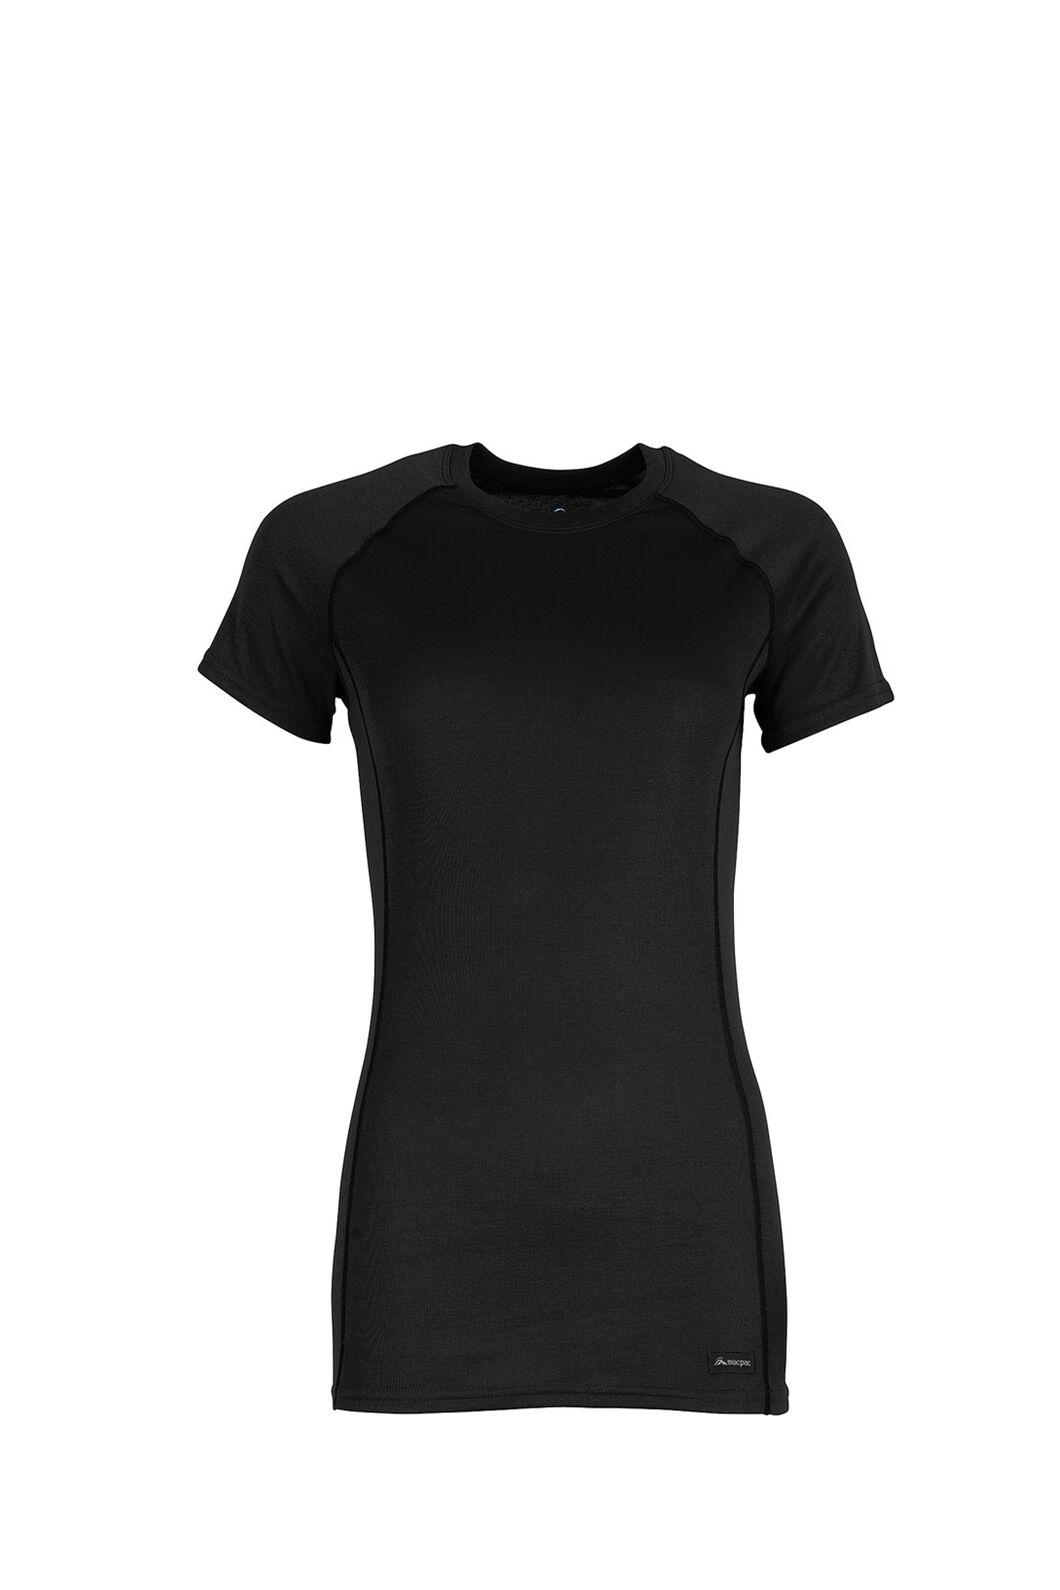 Macpac Geothermal Short Sleeve Top — Women's, Black, hi-res